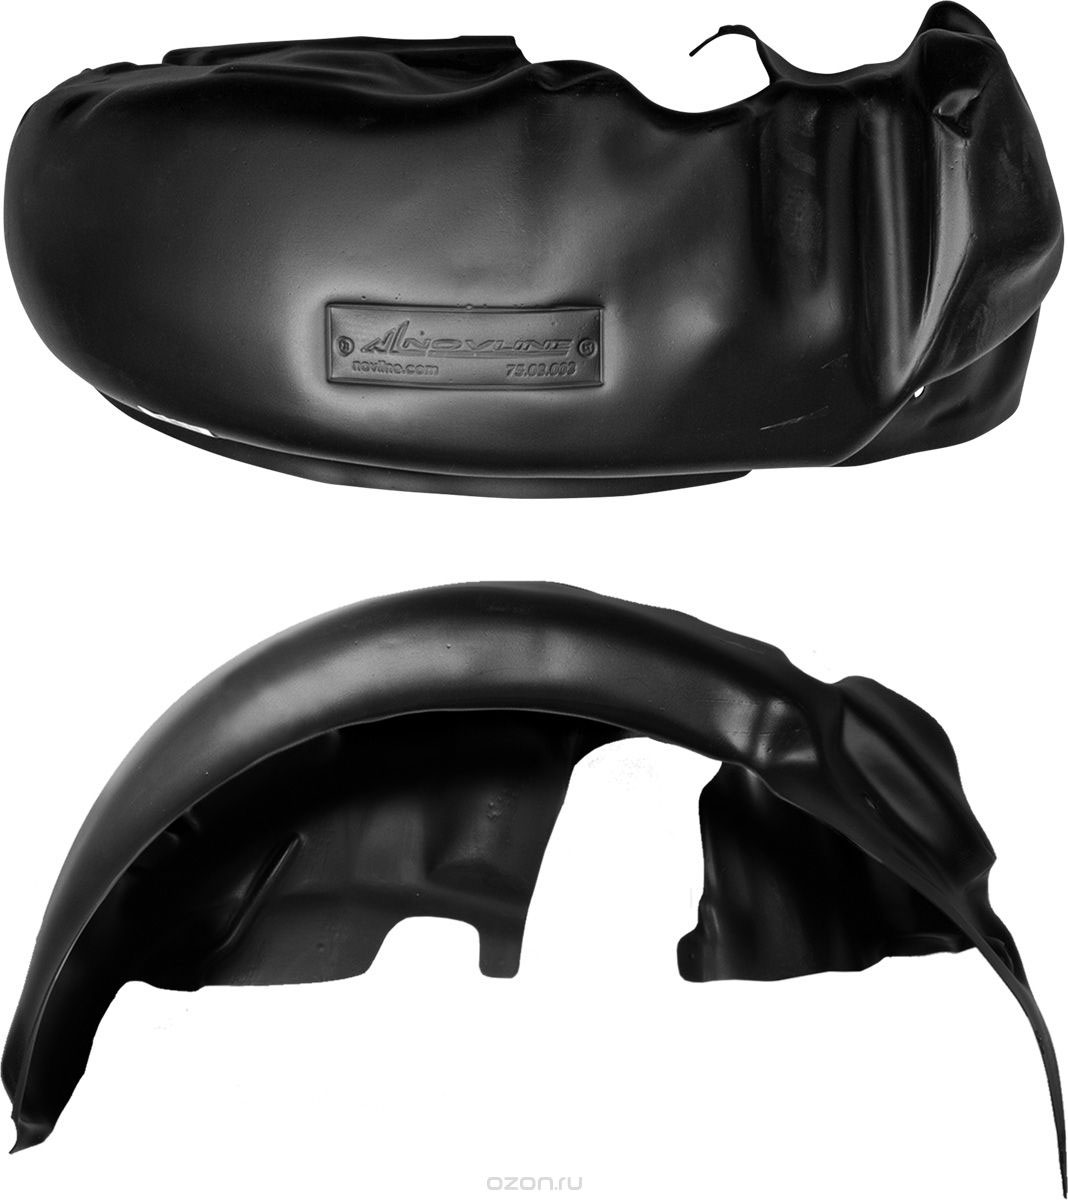 Подкрылок Novline-Autofamily, для NISSAN Pathfinder, 2014->, передний правыйNLL.36.51.002Идеальная защита колесной ниши. Локеры разработаны с применением цифровых технологий, гарантируют максимальную повторяемость поверхности арки. Изделия устанавливаются без нарушения лакокрасочного покрытия автомобиля, каждый подкрылок комплектуется крепежом. Уважаемые клиенты, обращаем ваше внимание, что фотографии на подкрылки универсальные и не отражают реальную форму изделия. При этом само изделие идет точно под размер указанного автомобиля.